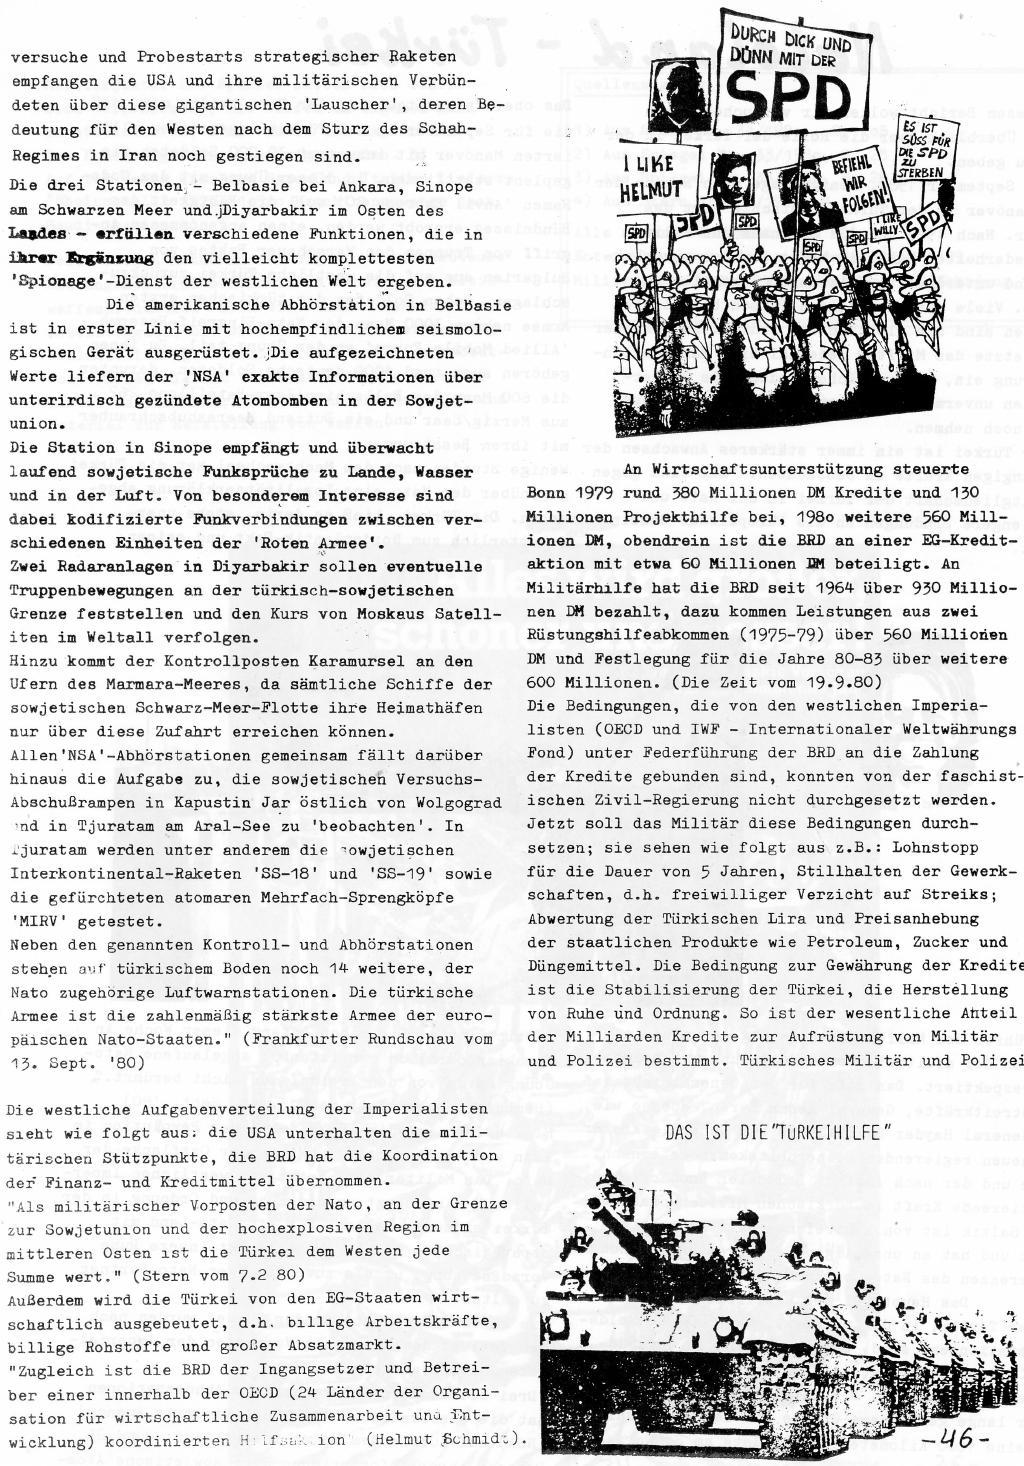 Bremen_1980_NATO_Broschuere_46